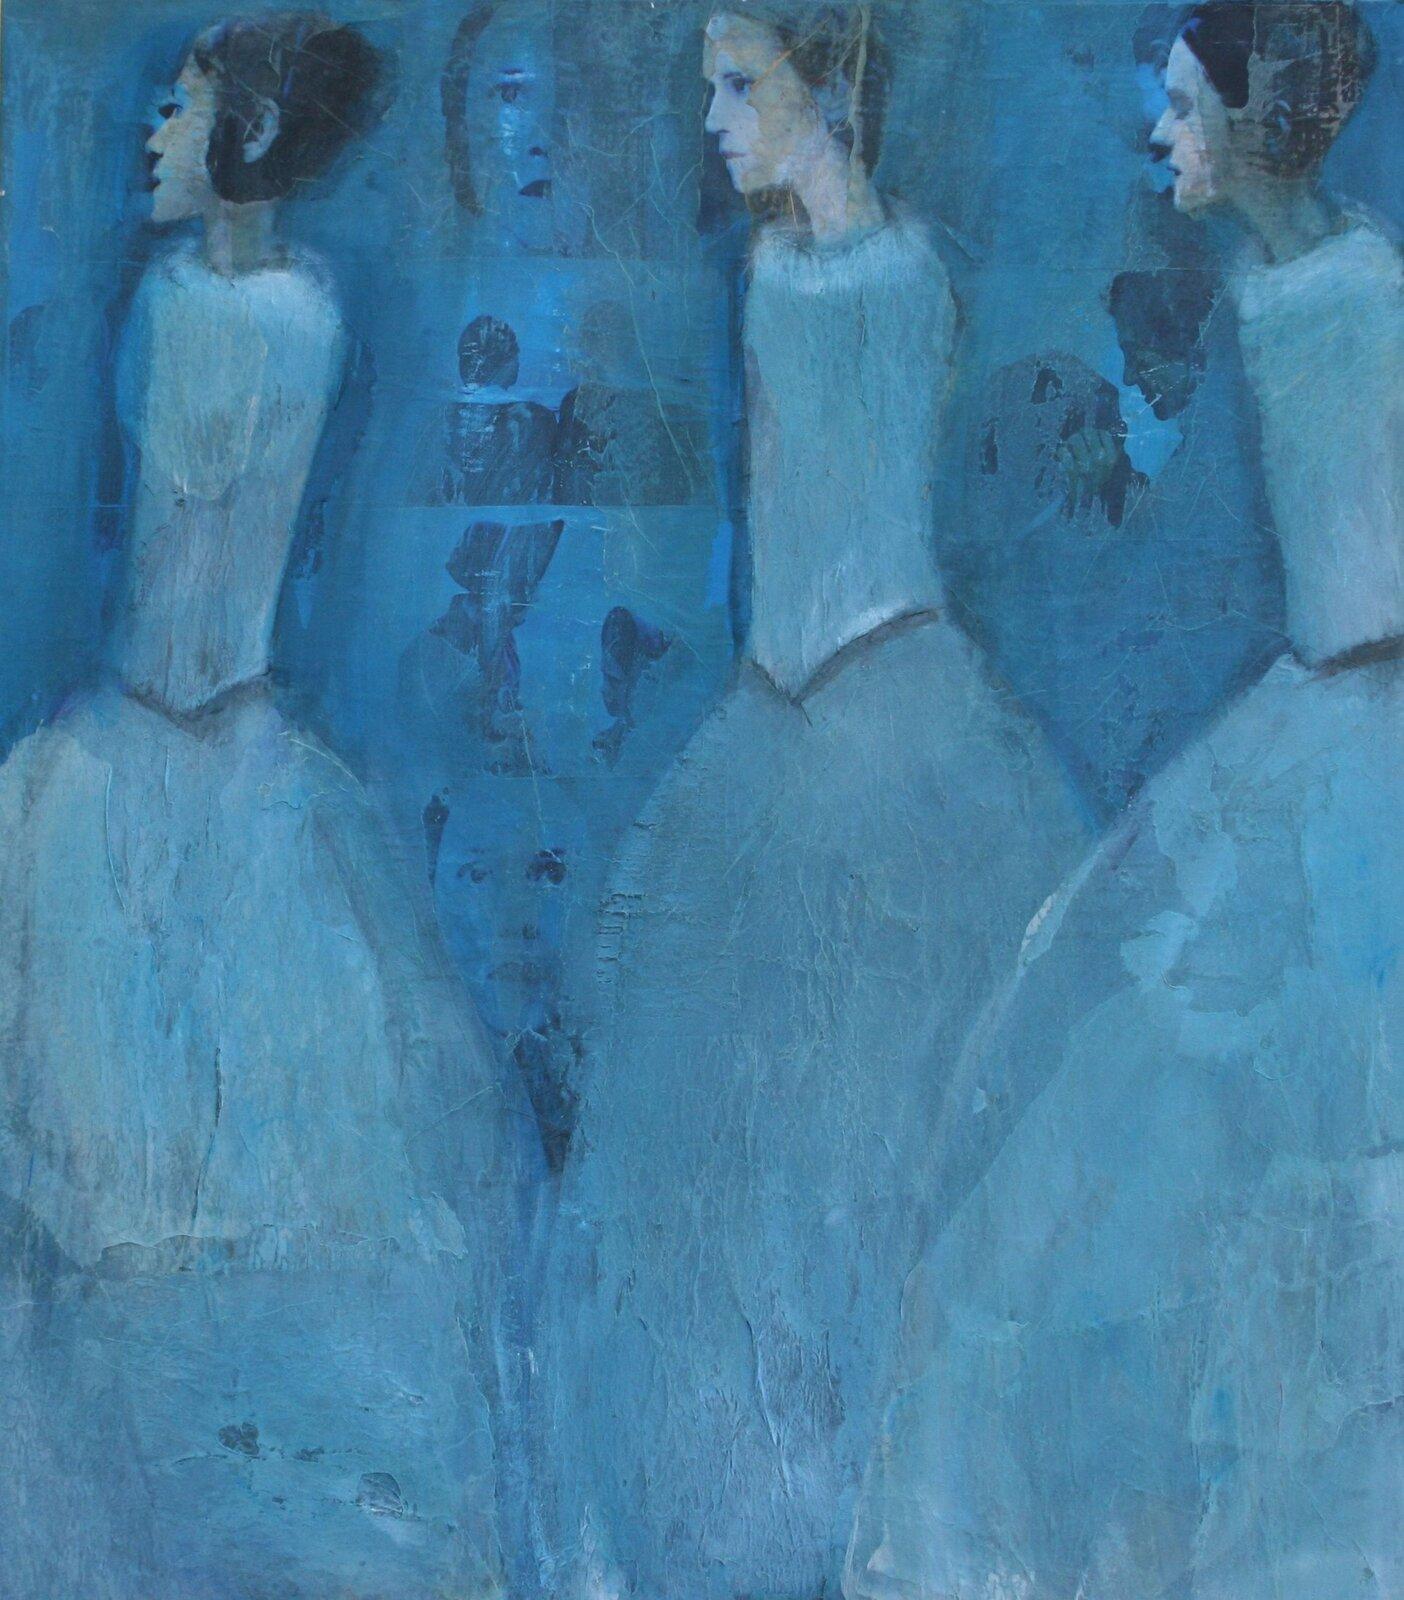 """Ilustracja przedstawia obraz """"Ada"""" autorstwa Justyny Grzebieniowskiej-Wolskiej. Praca ukazuje trzy kobiety ociemnych, spiętych wkok włosach. Pozbawione rąk postacie ubrane są wjasno-niebieskie suknie ztiulowymi spódnicami. Zwrócone są wprawą stronę. Na niebieskim tle znajdują się płasko malowane fragmenty kadrów zpostaciami ipowtarzającym się portretem tej samej dziewczyny. Praca namalowana została swobodną, szeroką plamą. Kobiety przedstawione są zdużym uproszczeniem. Artystce nie zależy na wiernym uchwyceniu rzeczywistości, stara się jedynie przekazać nastrój ukazanej sceny. Obraz utrzymany jest wchłodnej, błękitnej gamie barw."""